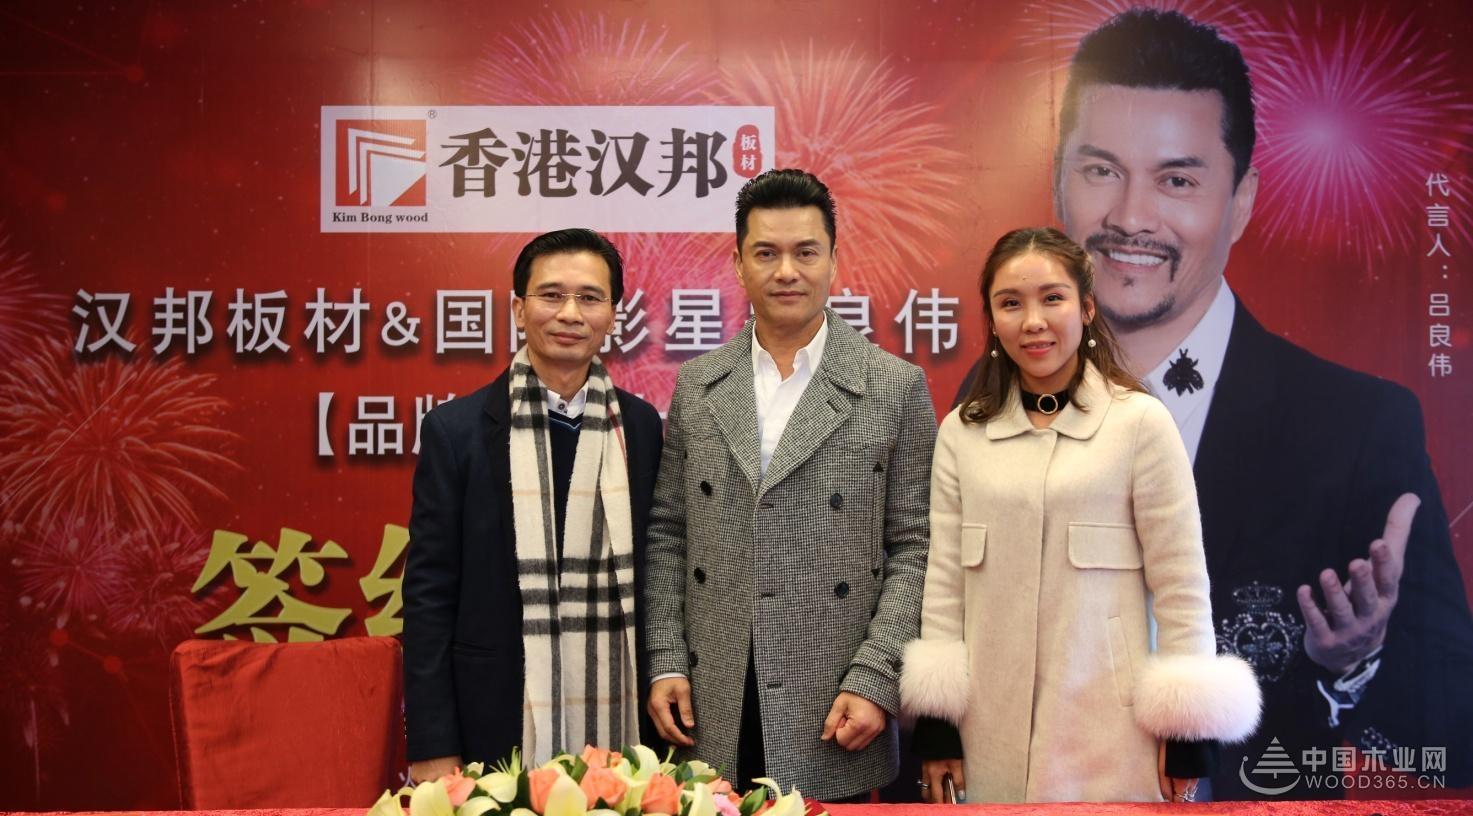 香港汉邦板材签约国际影视巨星吕良伟为品牌形象代言人